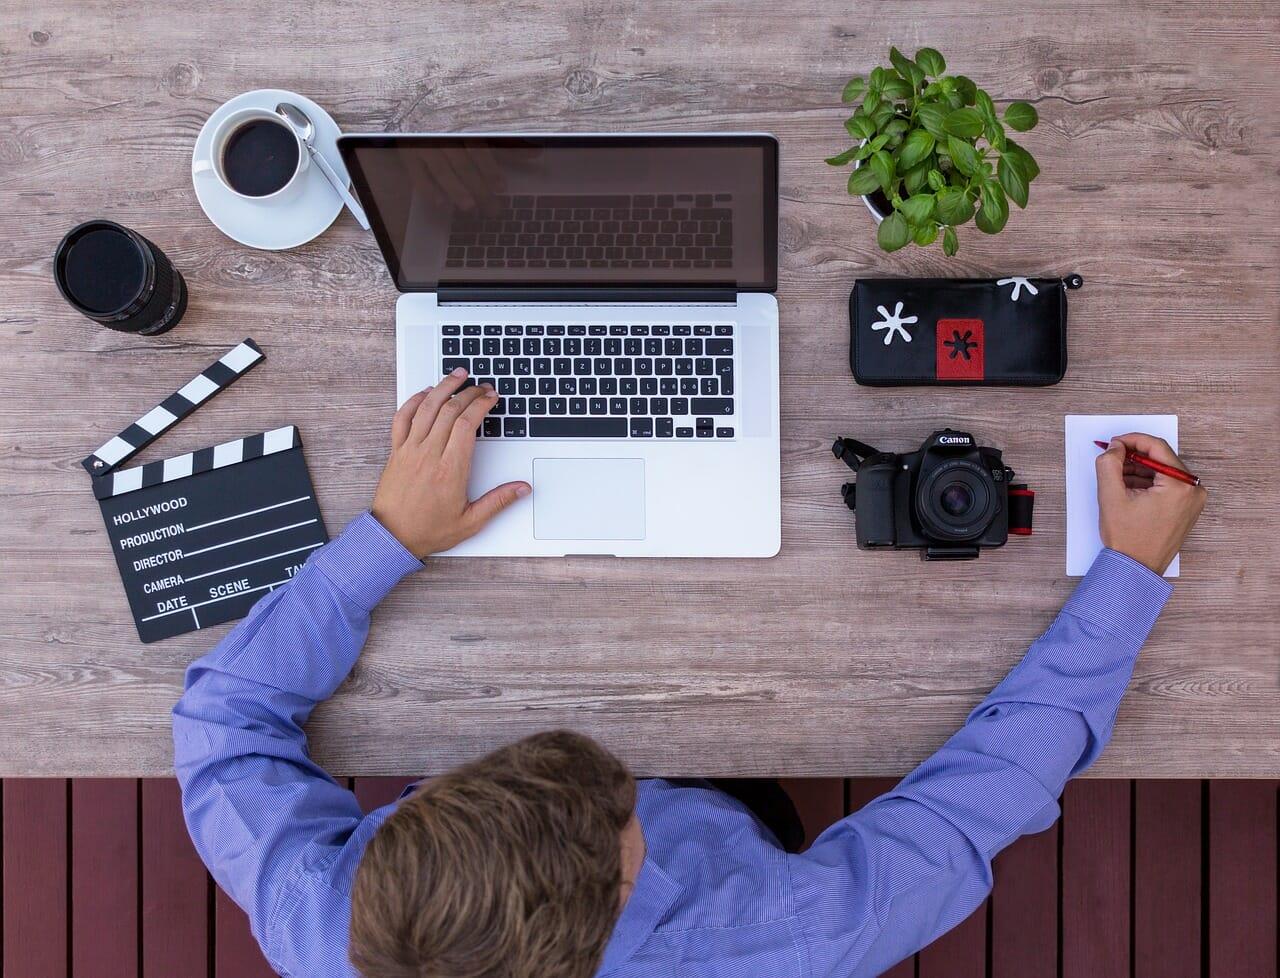 youtube-channel-filmmaker-video-editor-follow